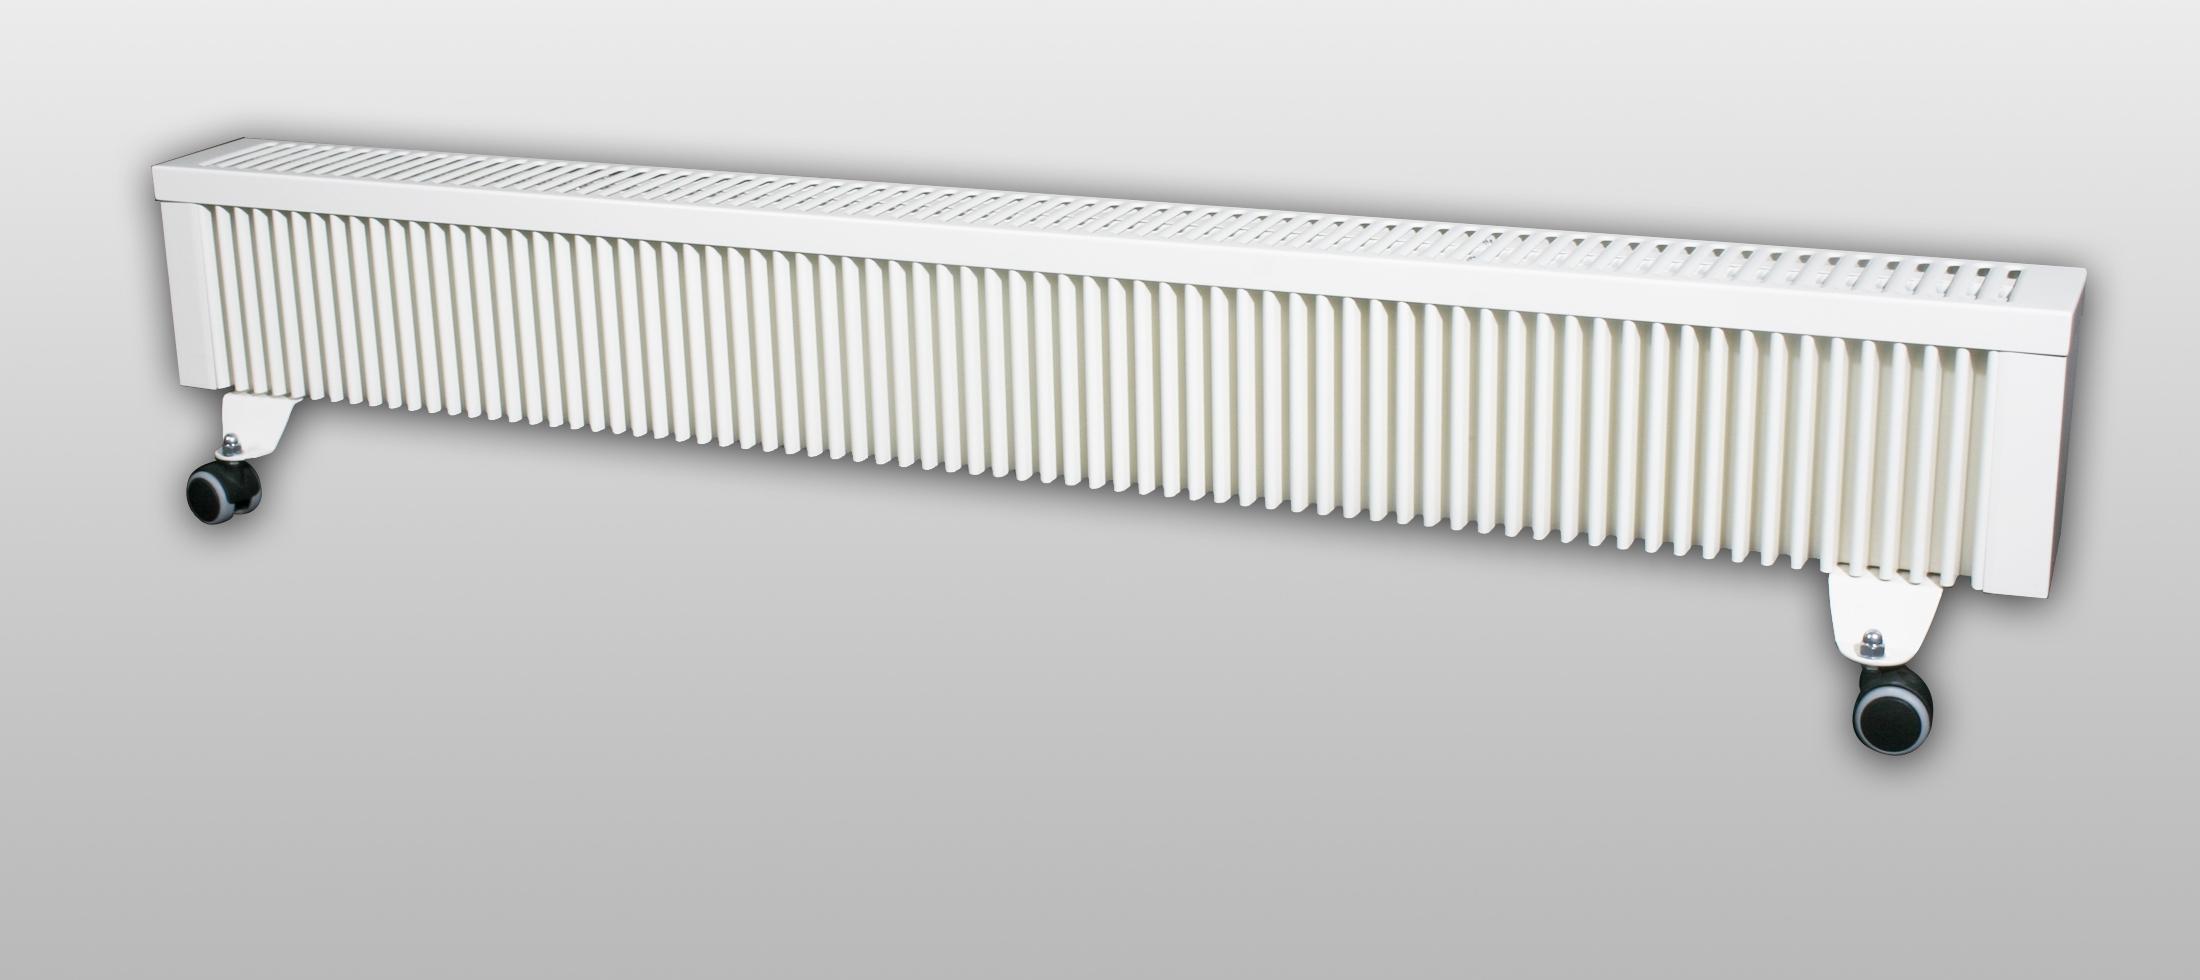 Dvojitý nízký topný panel, TYP HK200, 2000 W